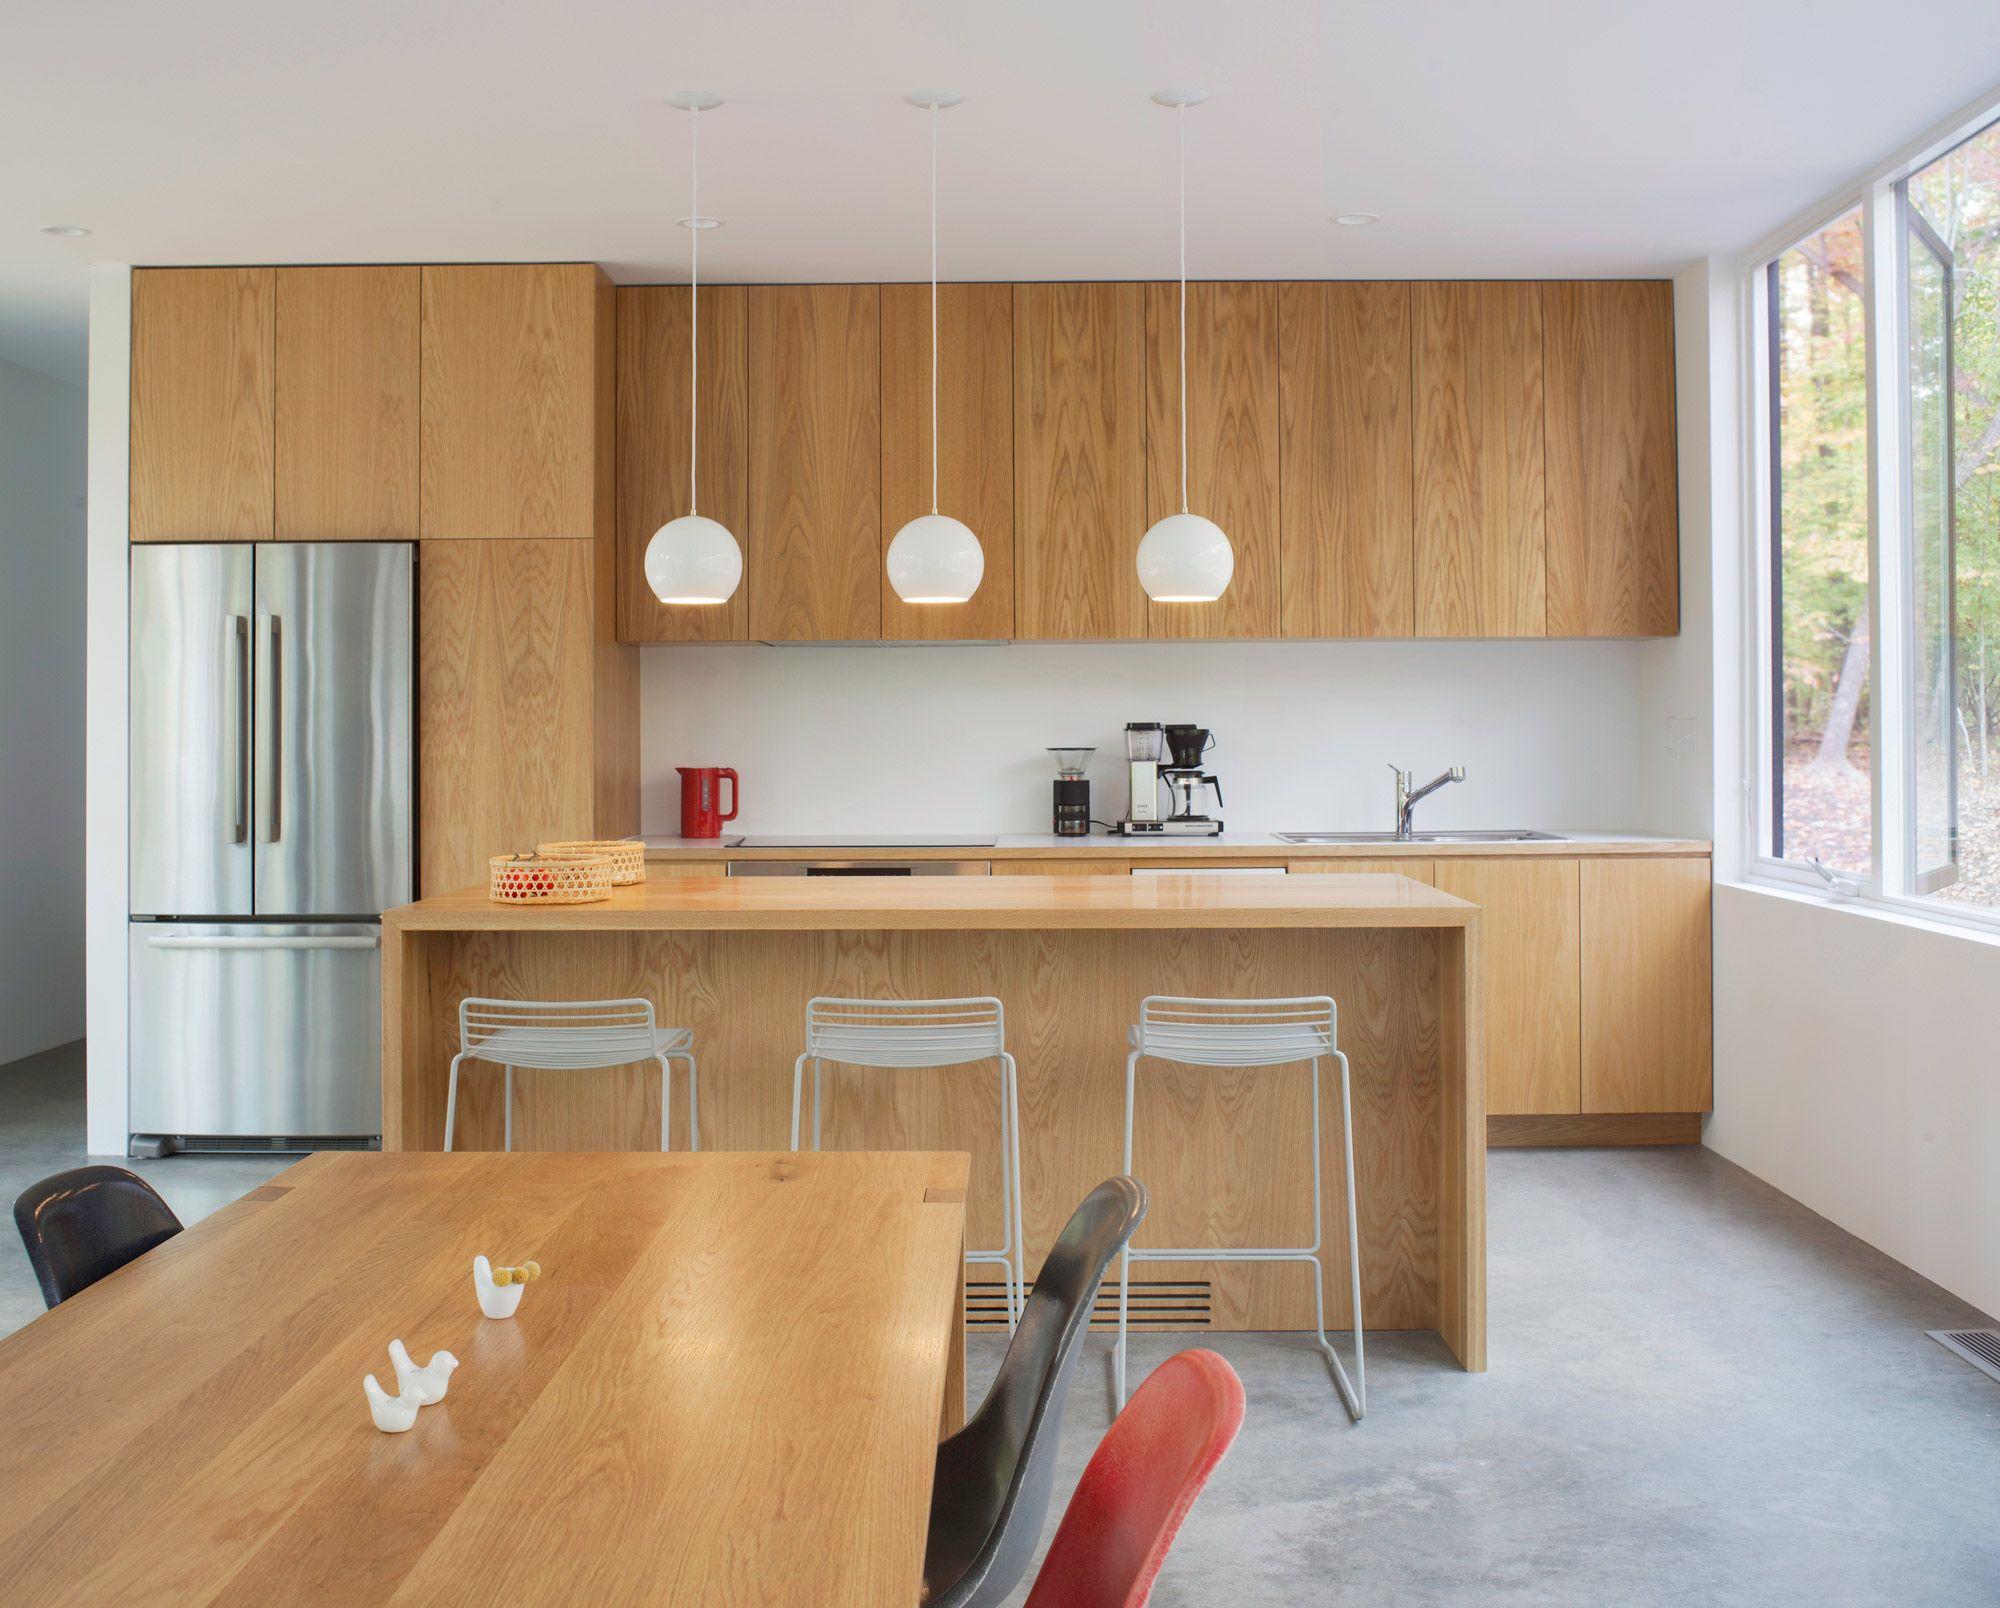 Hermosa Diseño Pequeña Cocina Australia Imagen - Como Decorar la ...